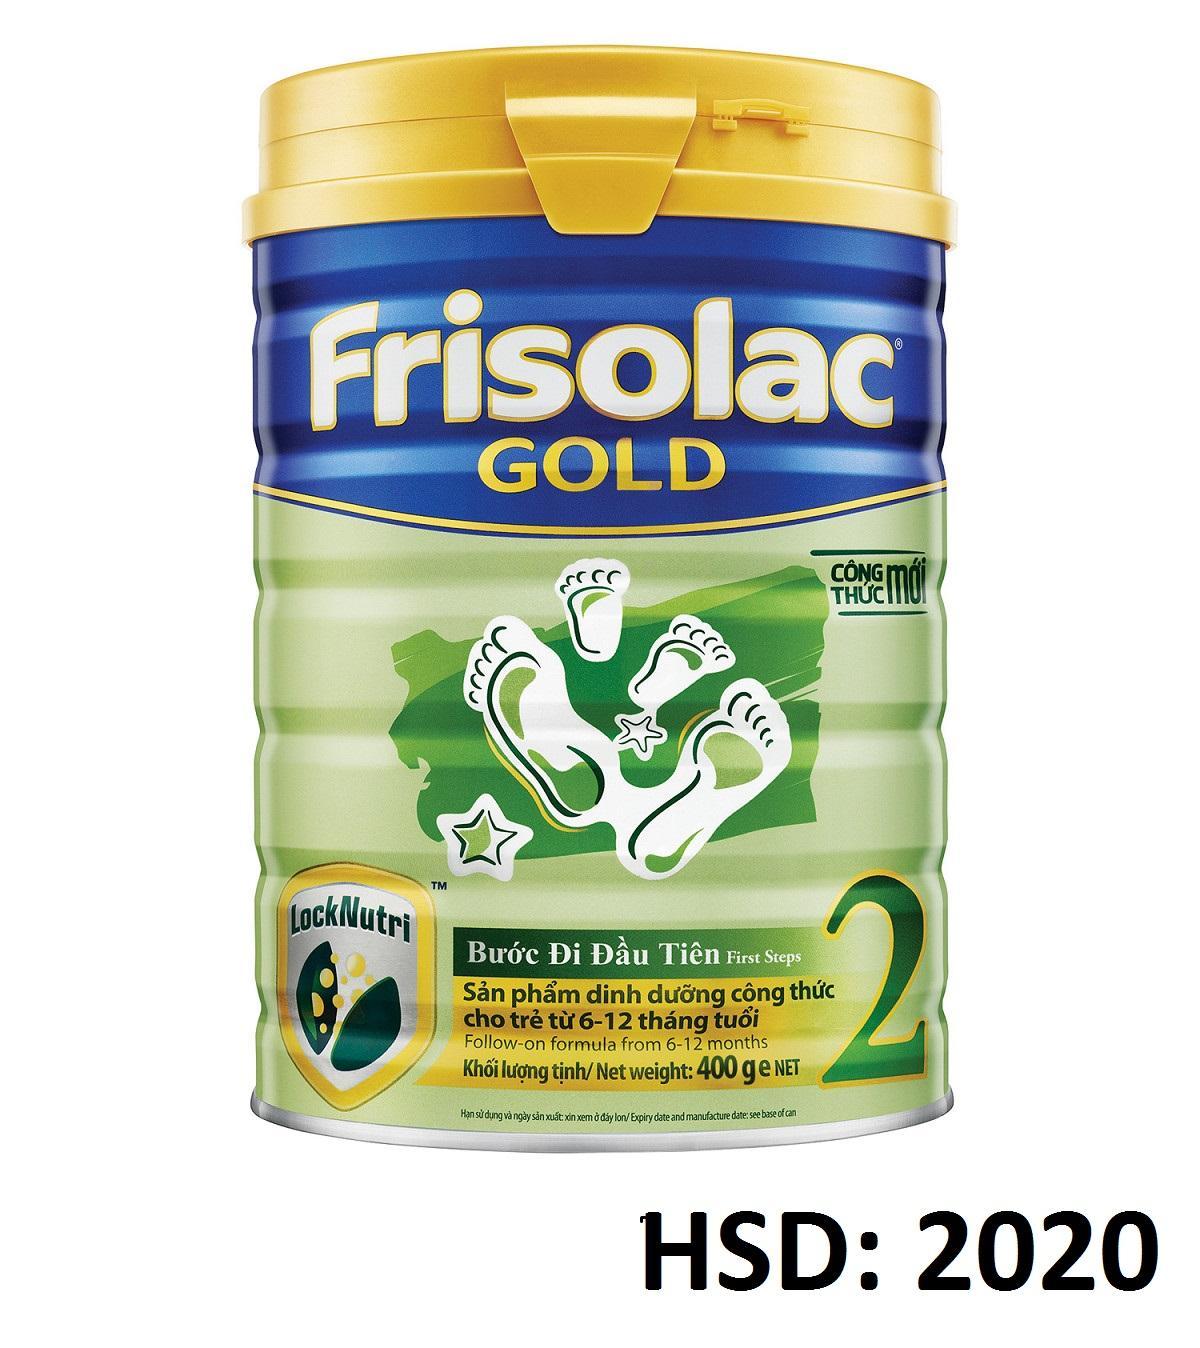 Mua Sữa Bột Frisolac Gold 2 400G Trong Quảng Ninh